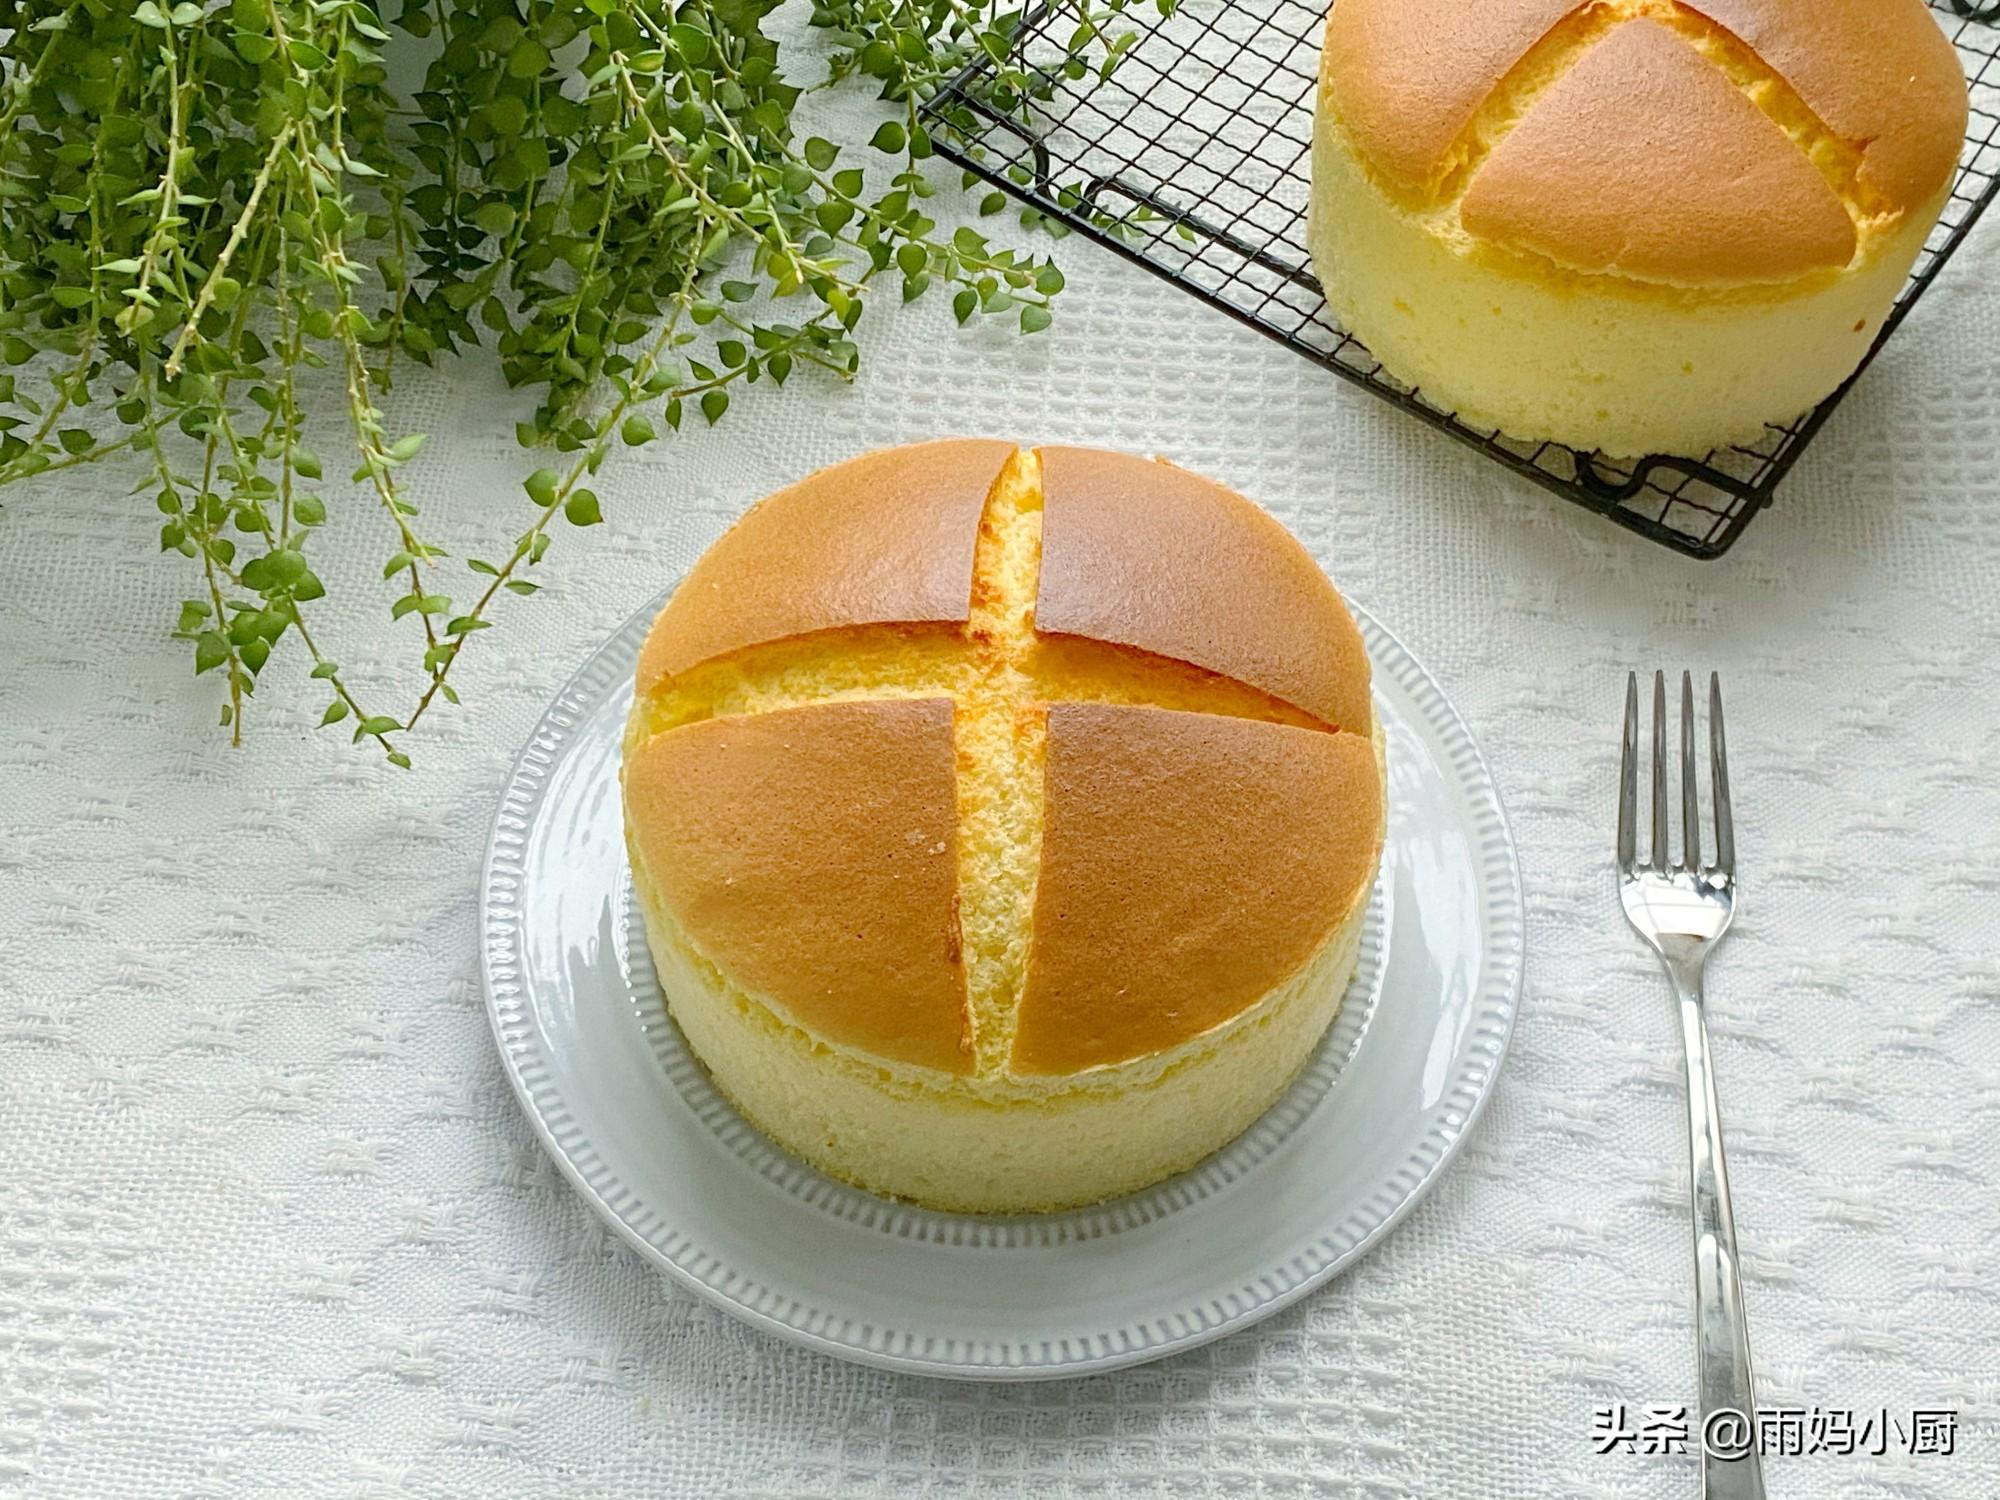 喜歡吃蛋糕,一定不要錯過這款,蓬鬆柔軟又美味,比原味戚風好吃